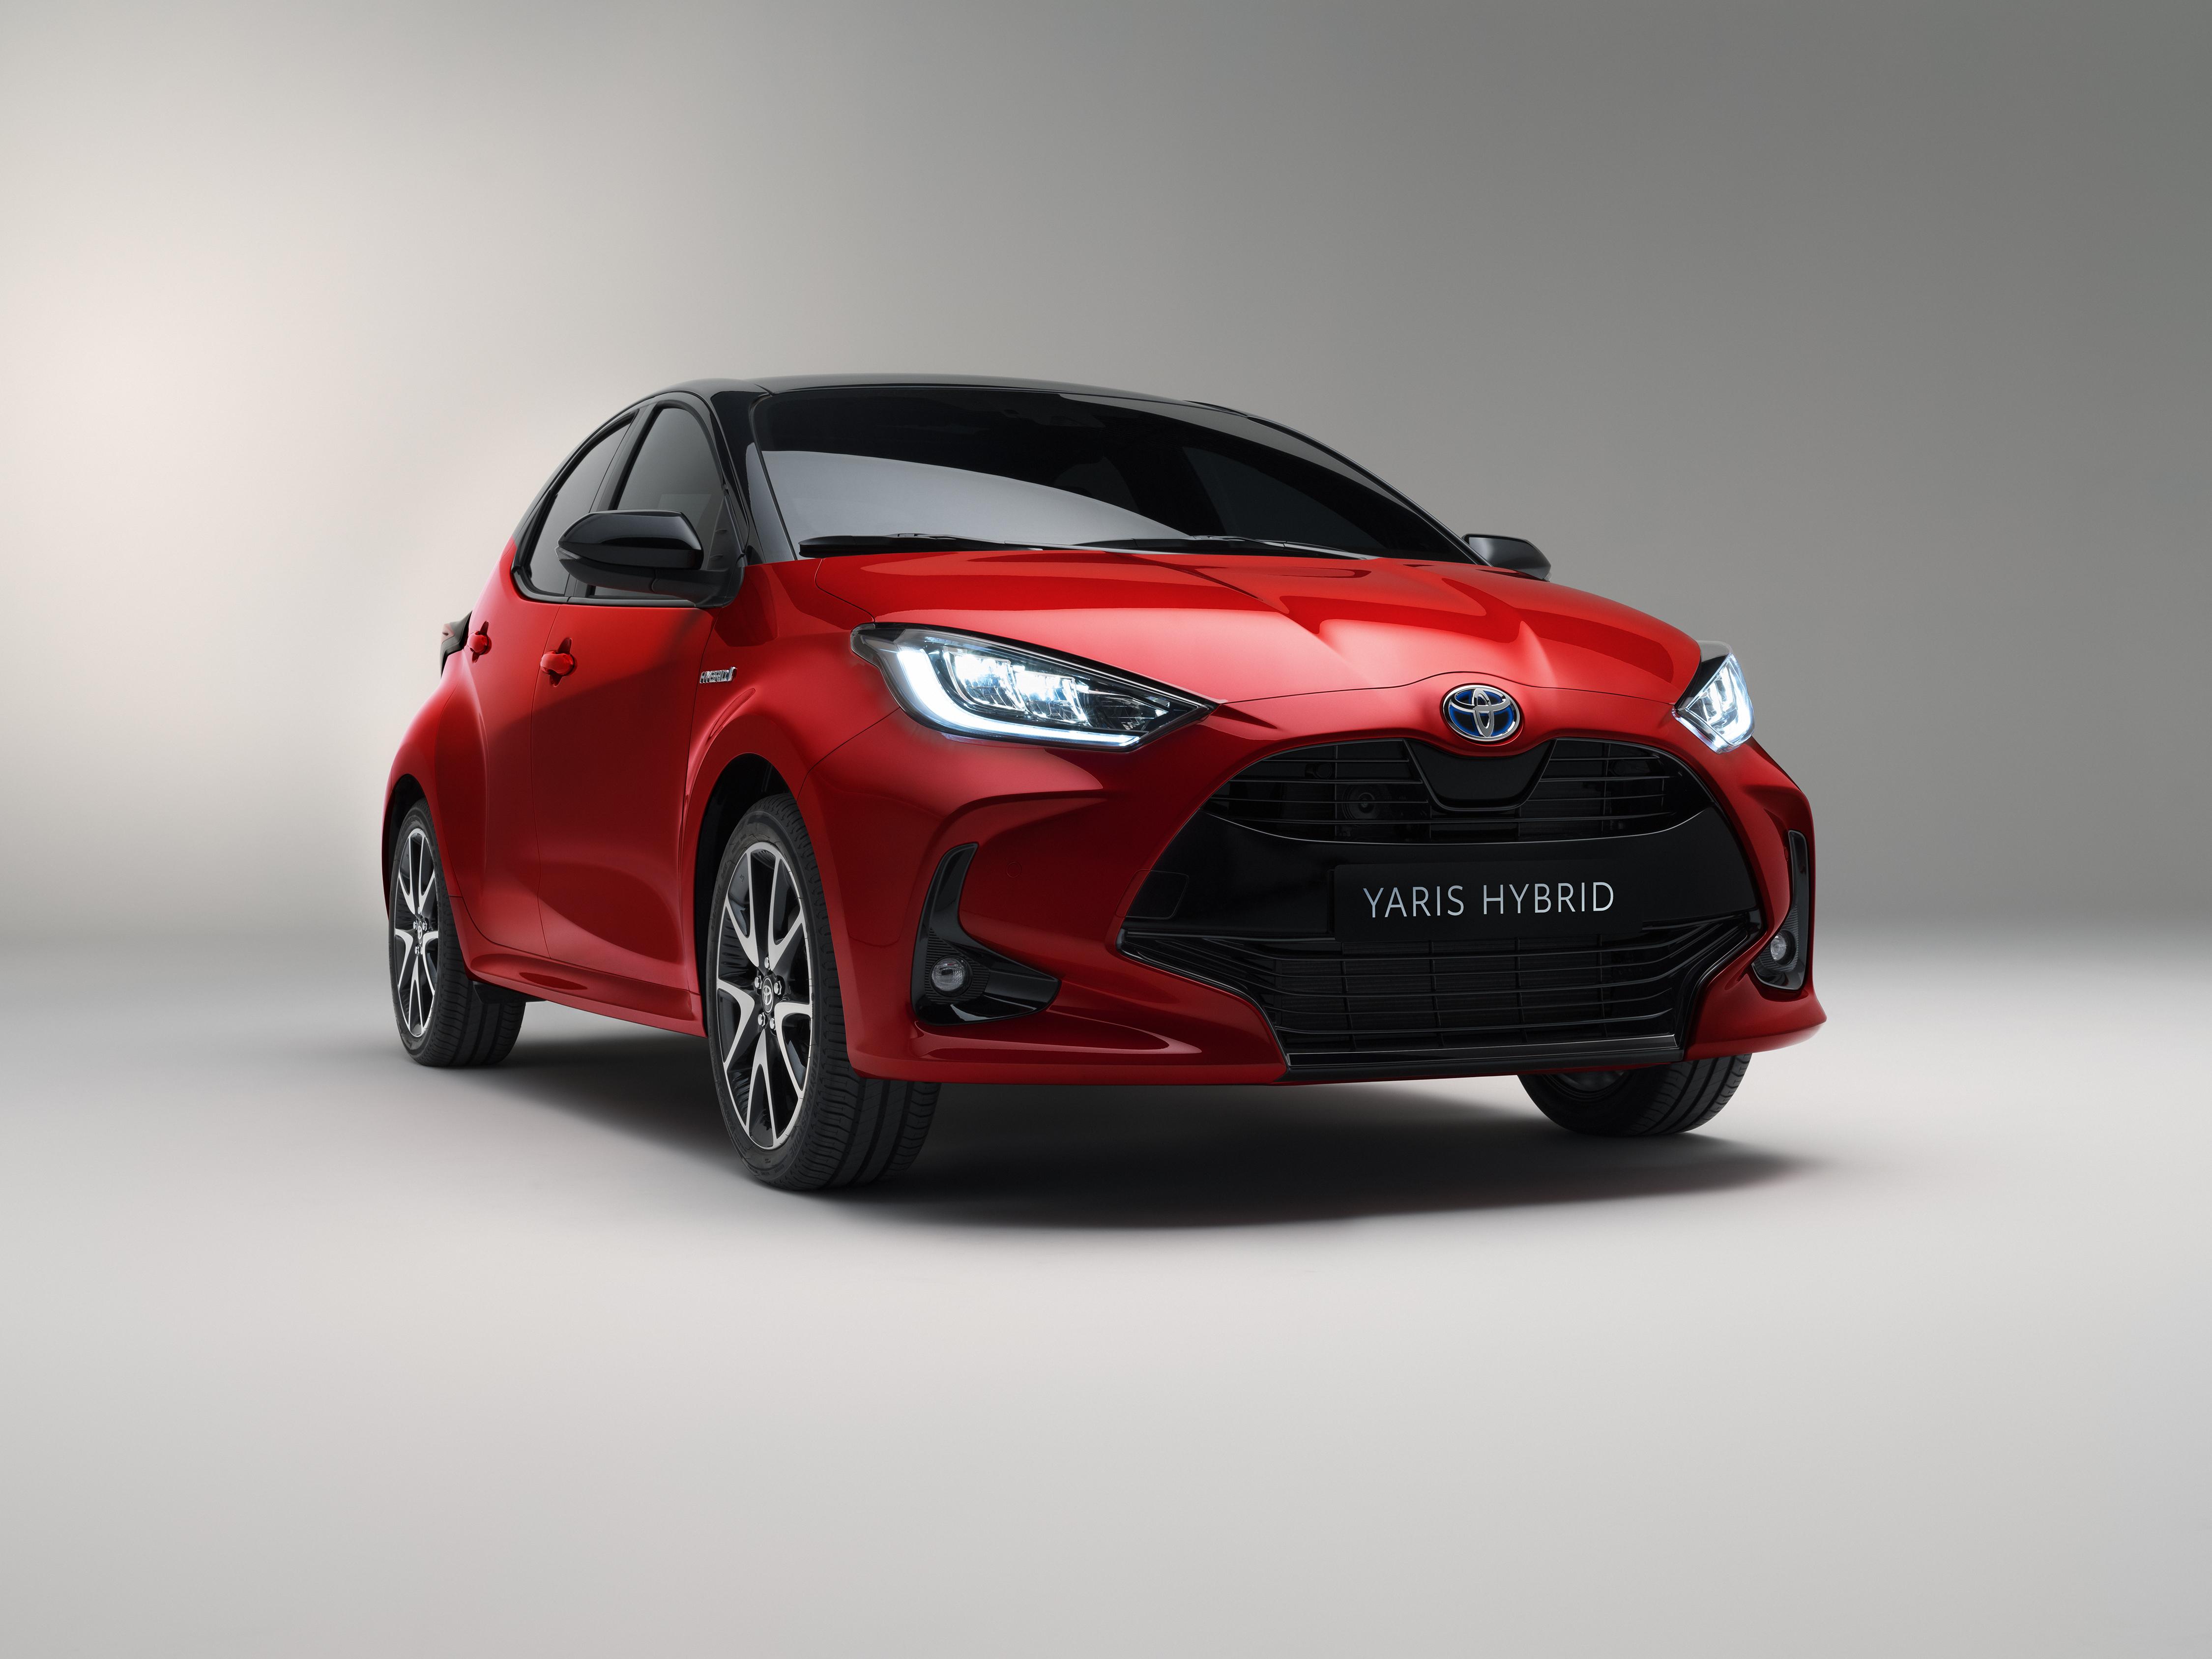 Nuova Toyota Yaris, l'auto ibrida da città – Dossier